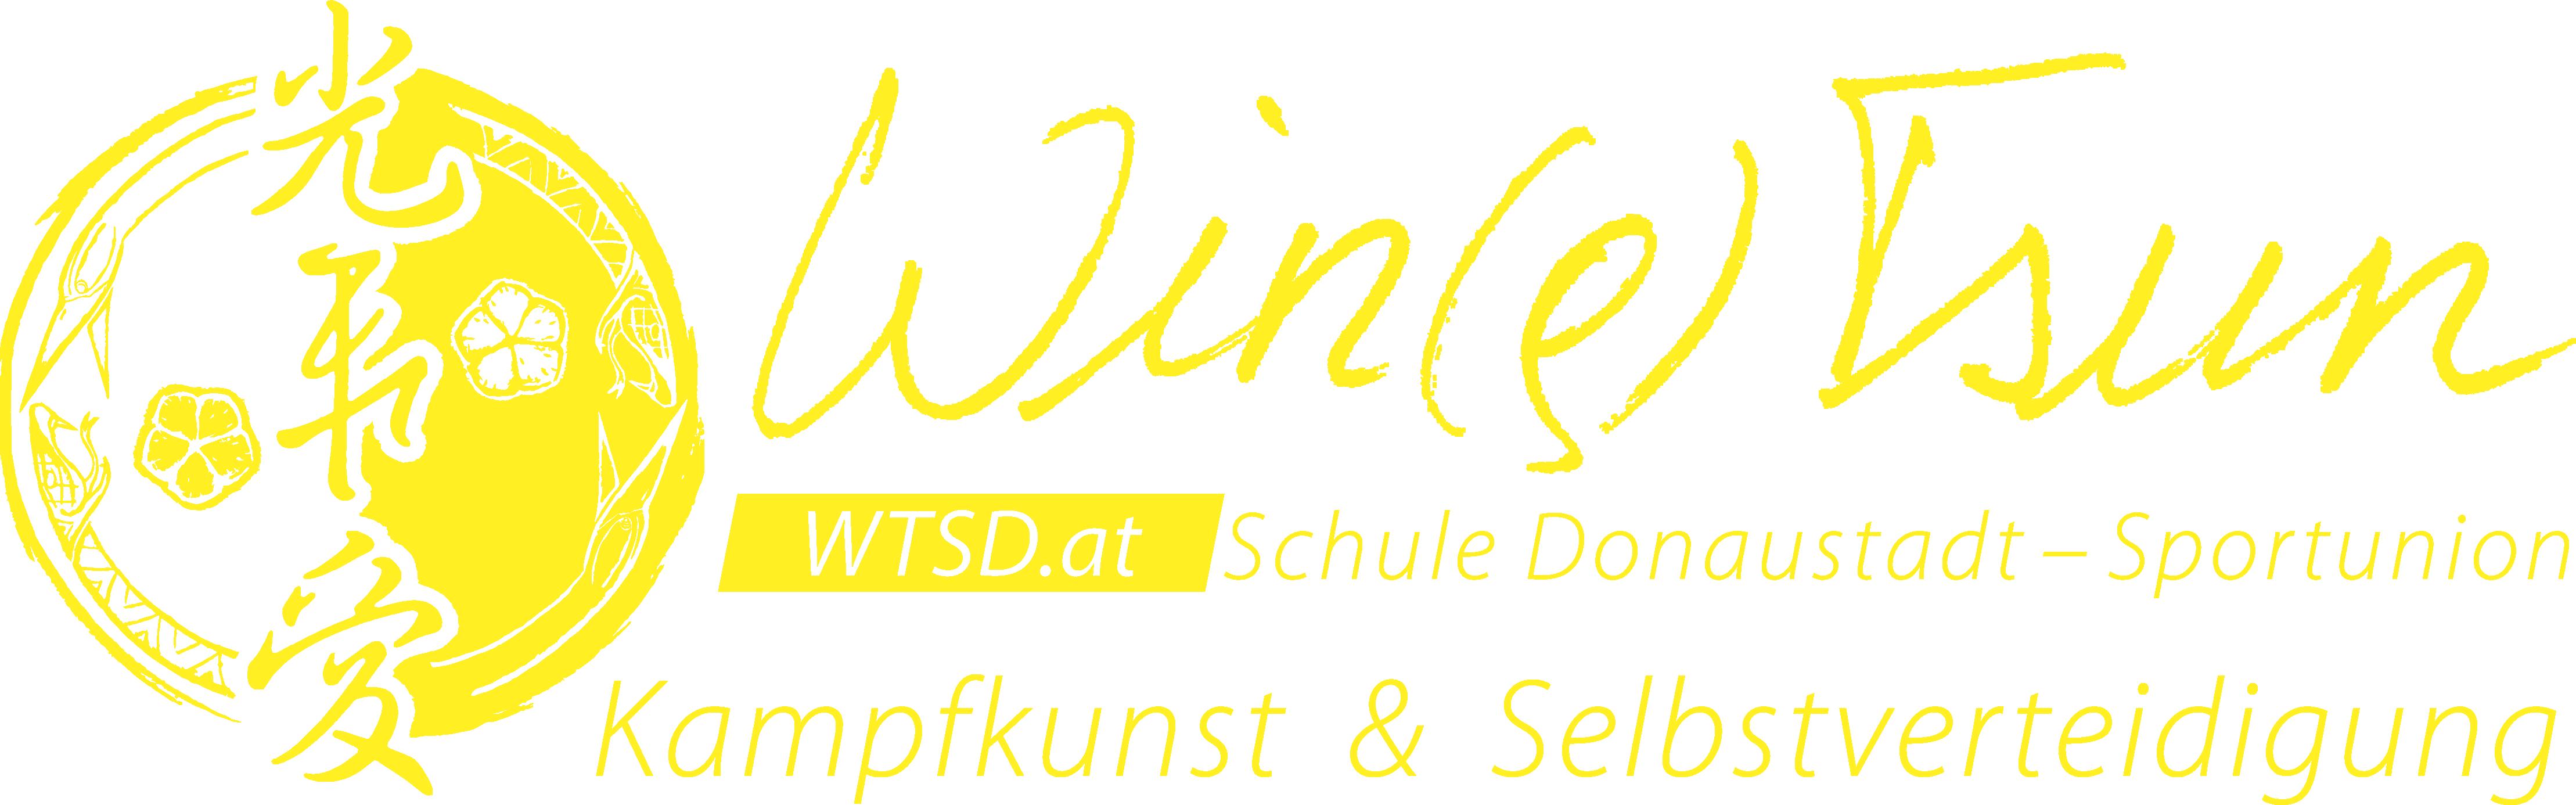 Logo der WTSD